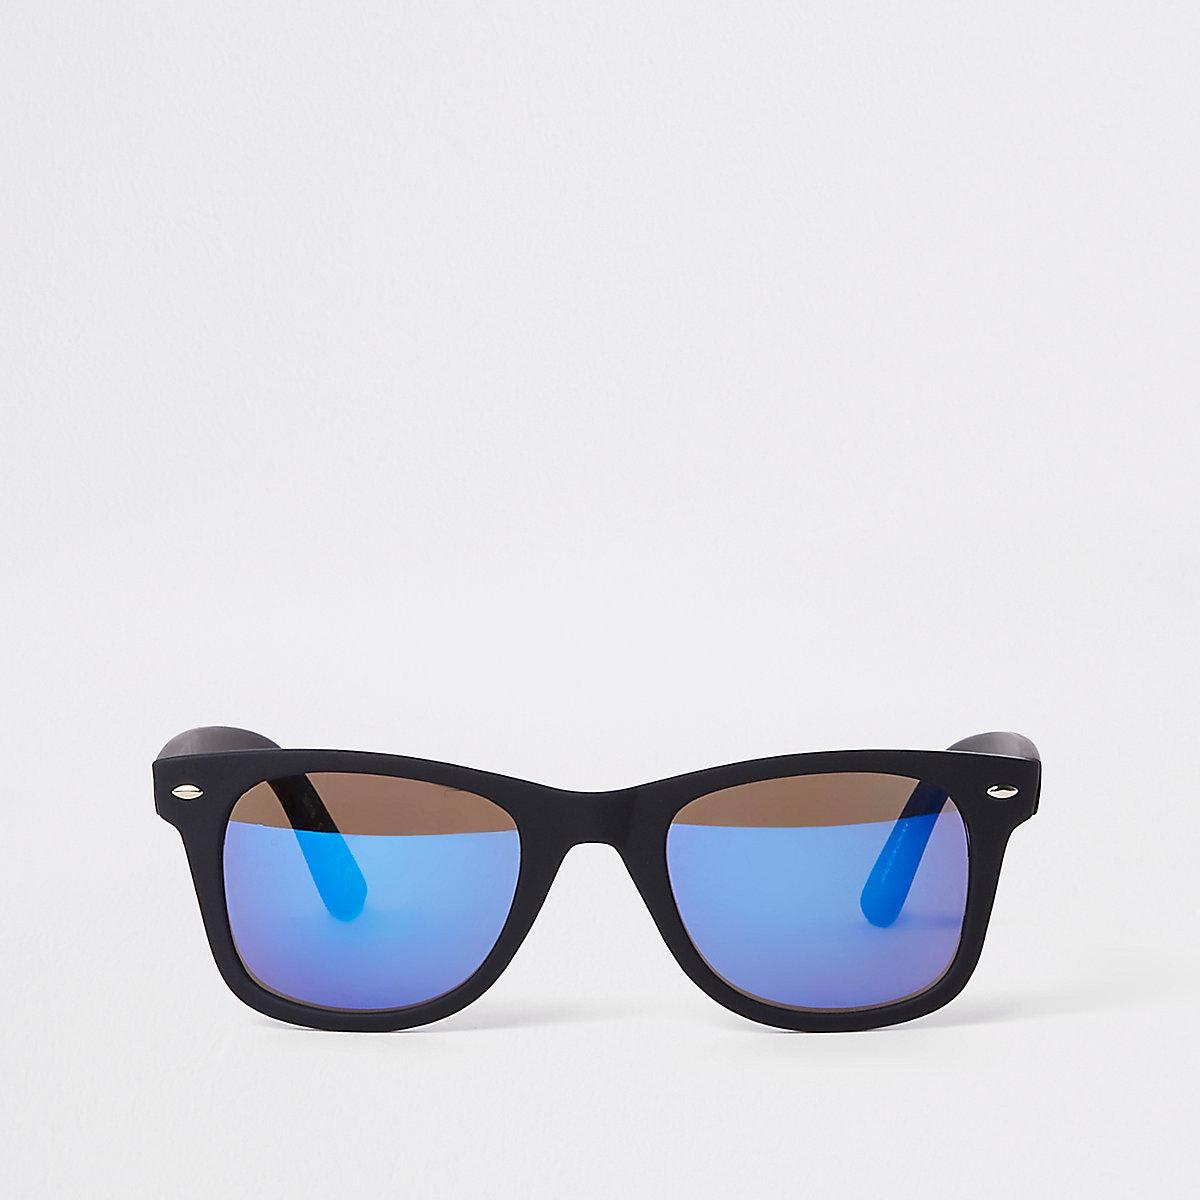 Black mirror lens retro square sunglasses